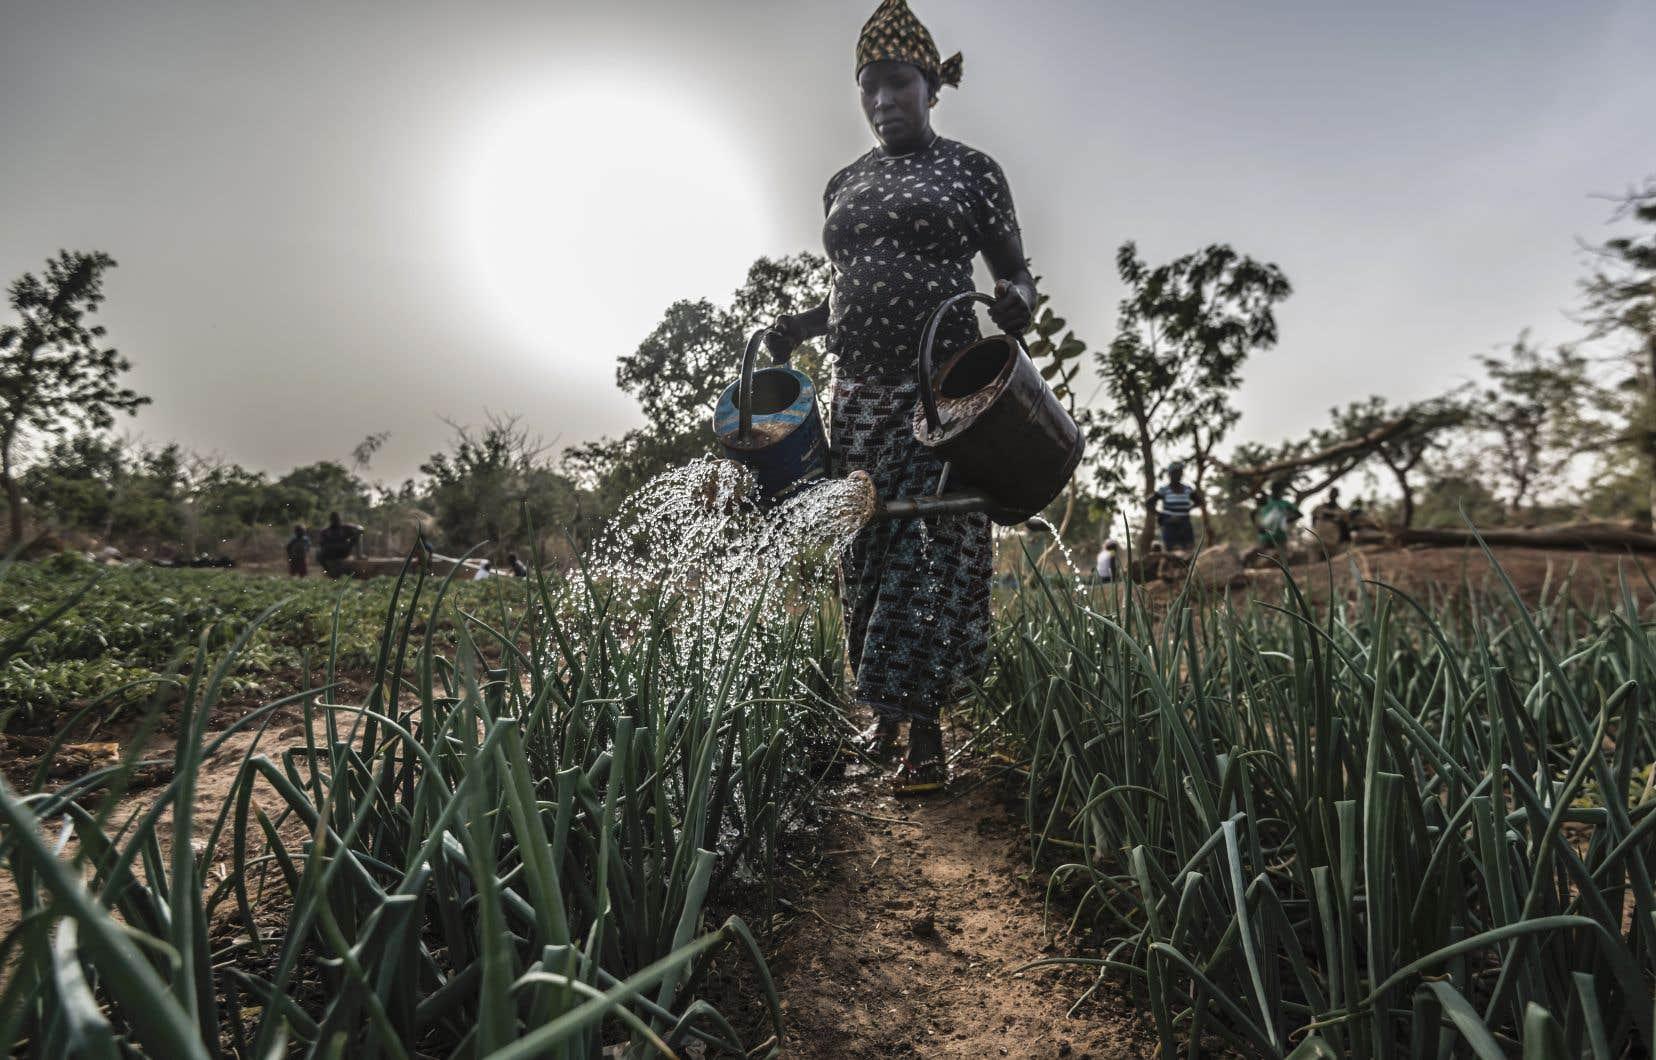 Aguiratou Ouedraogo, une agricultrice du Burkina Faso, arrose ses cultures maraîchères, qui serviront notamment à nourrir ses sept enfants.